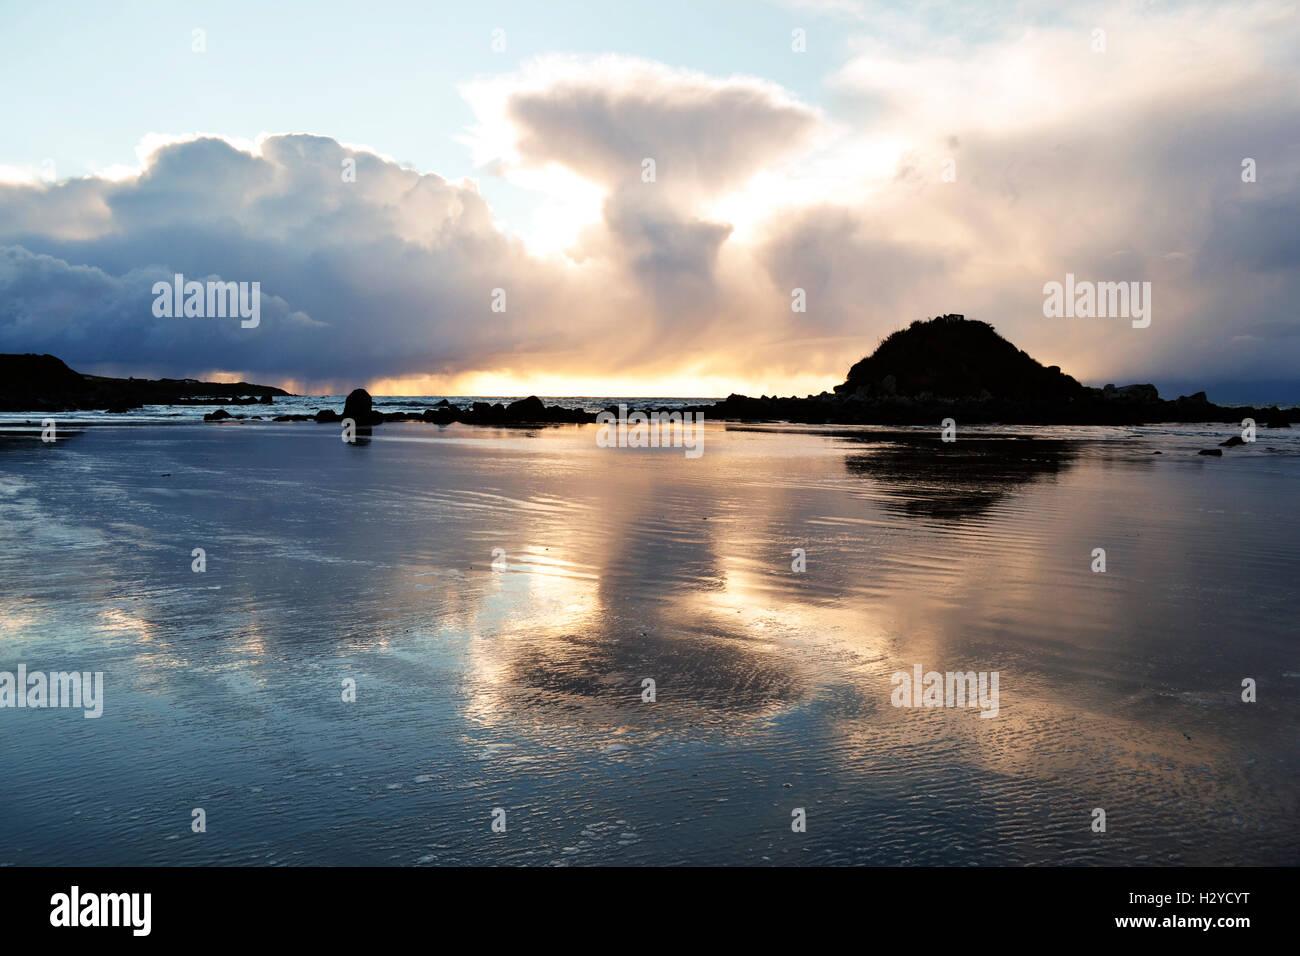 Sunset at Monkey Island, South New Zealand - Stock Image